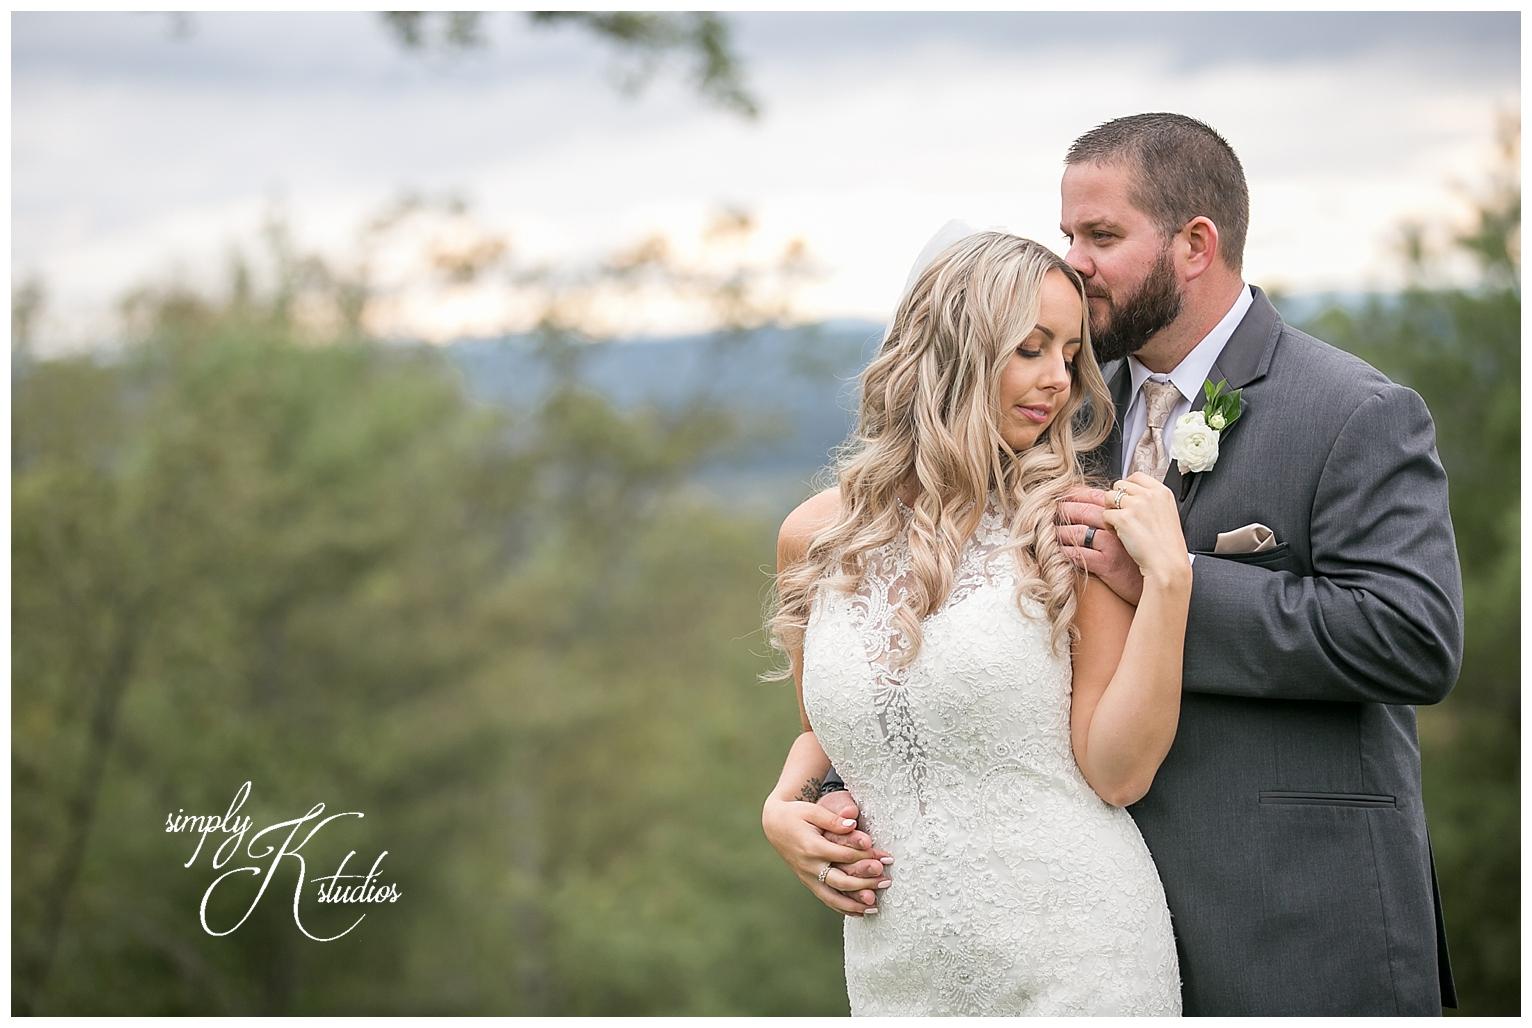 Wedding Ceremony Officiants in CT.jpg